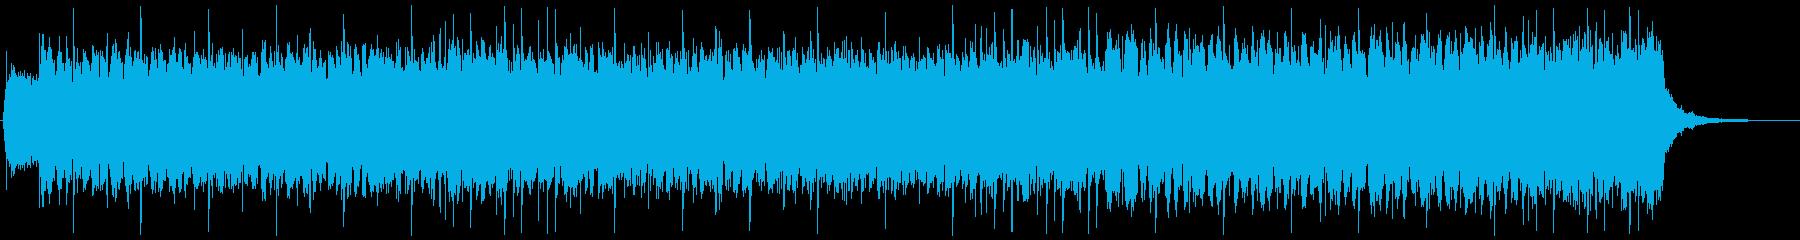 闇属性ゴシック・ダーク・ロック系BGMの再生済みの波形